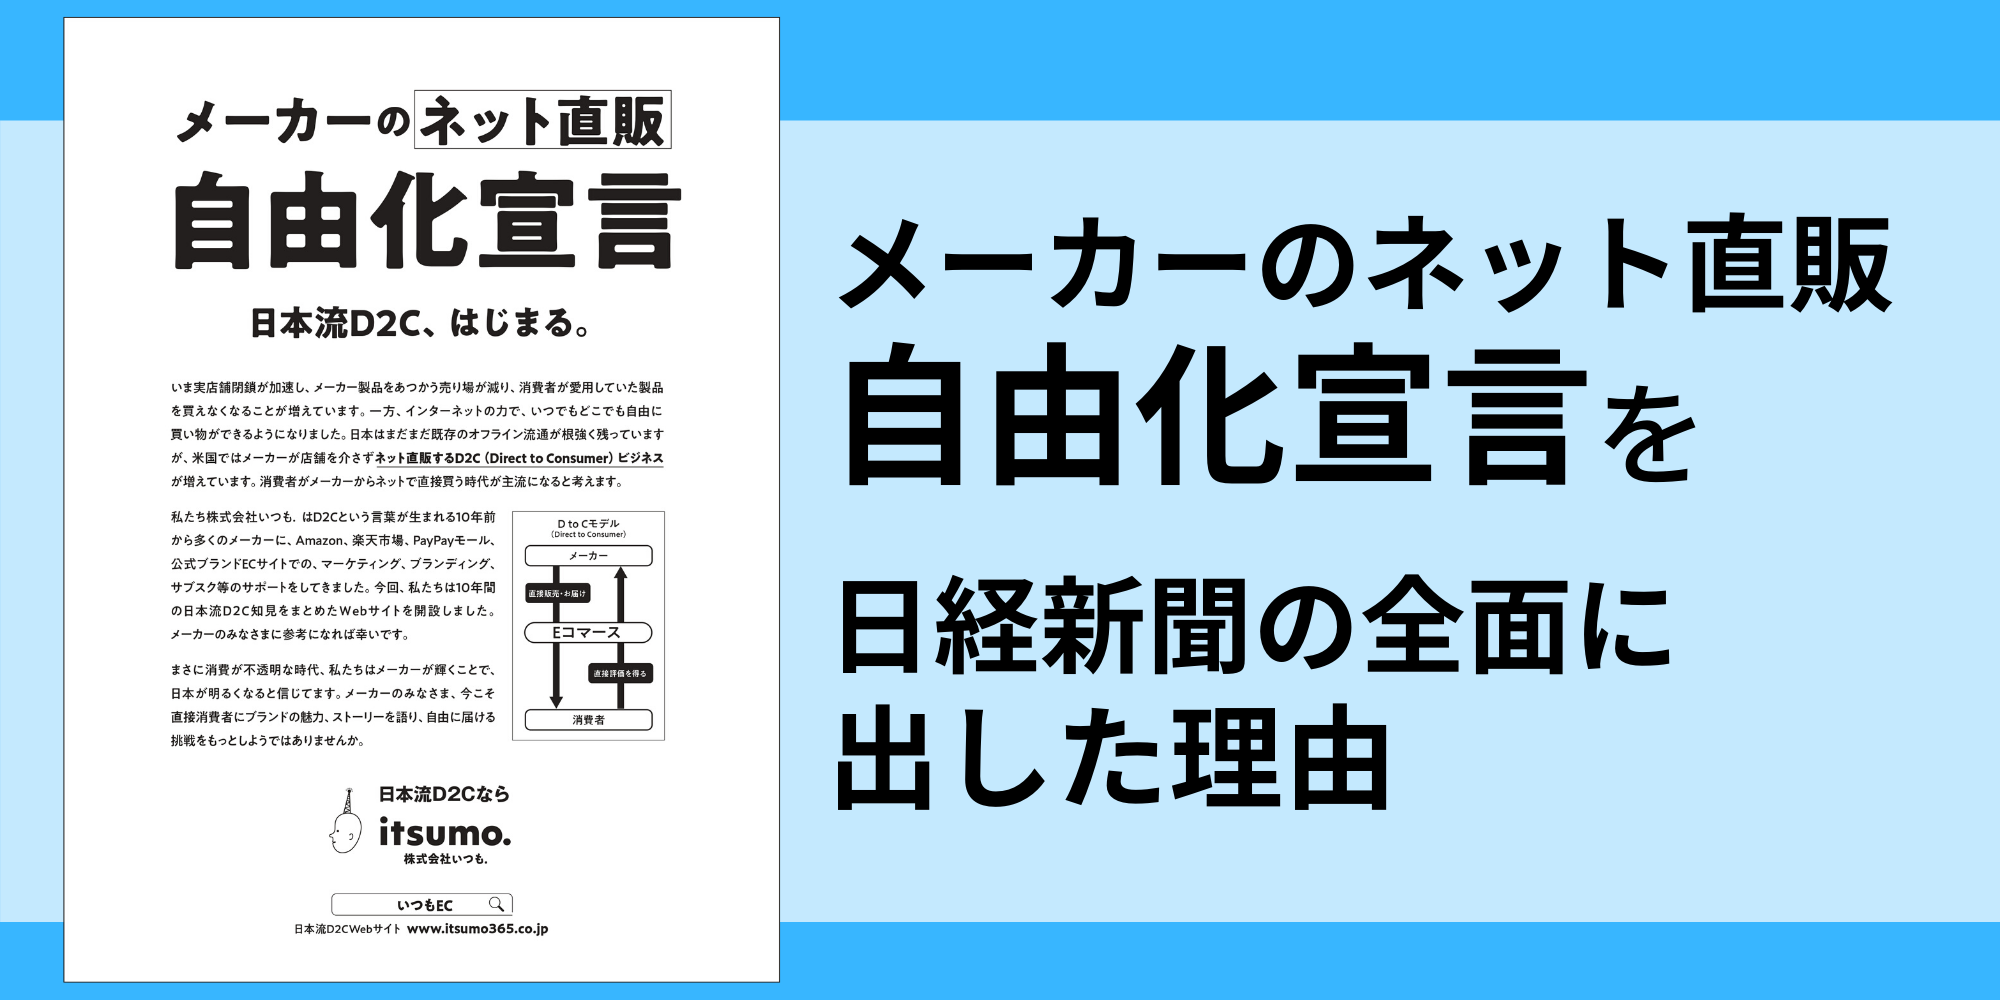 「メーカーのネット直販自由化宣言」を日経新聞の全面に出した理由